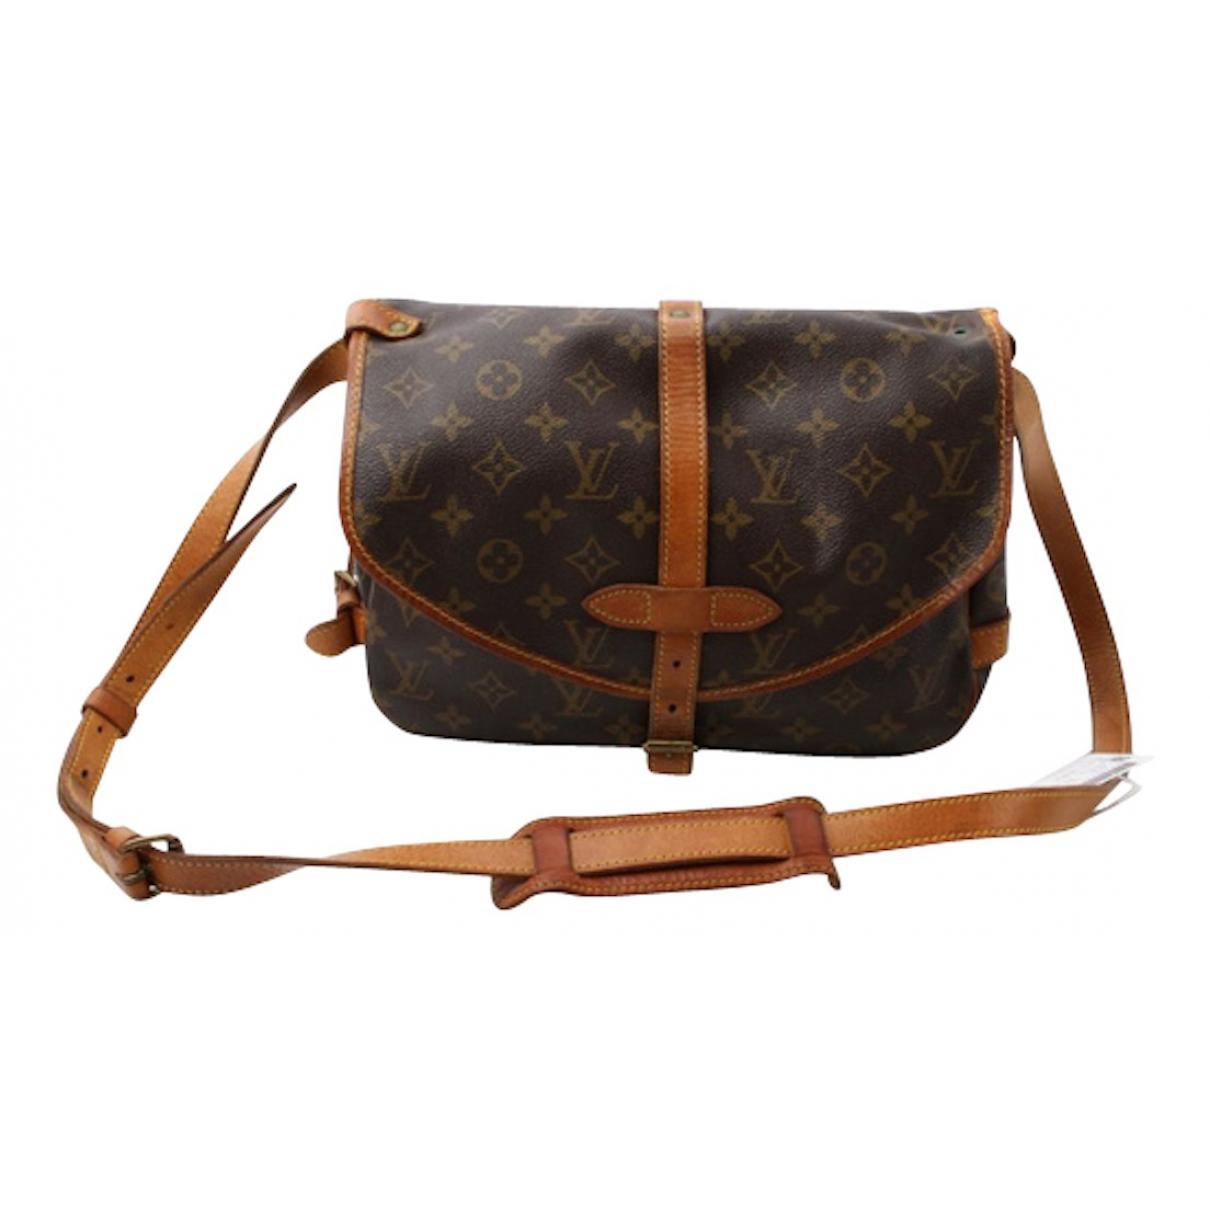 Louis Vuitton - Sac de voyage Saumur pour femme en cuir - marron